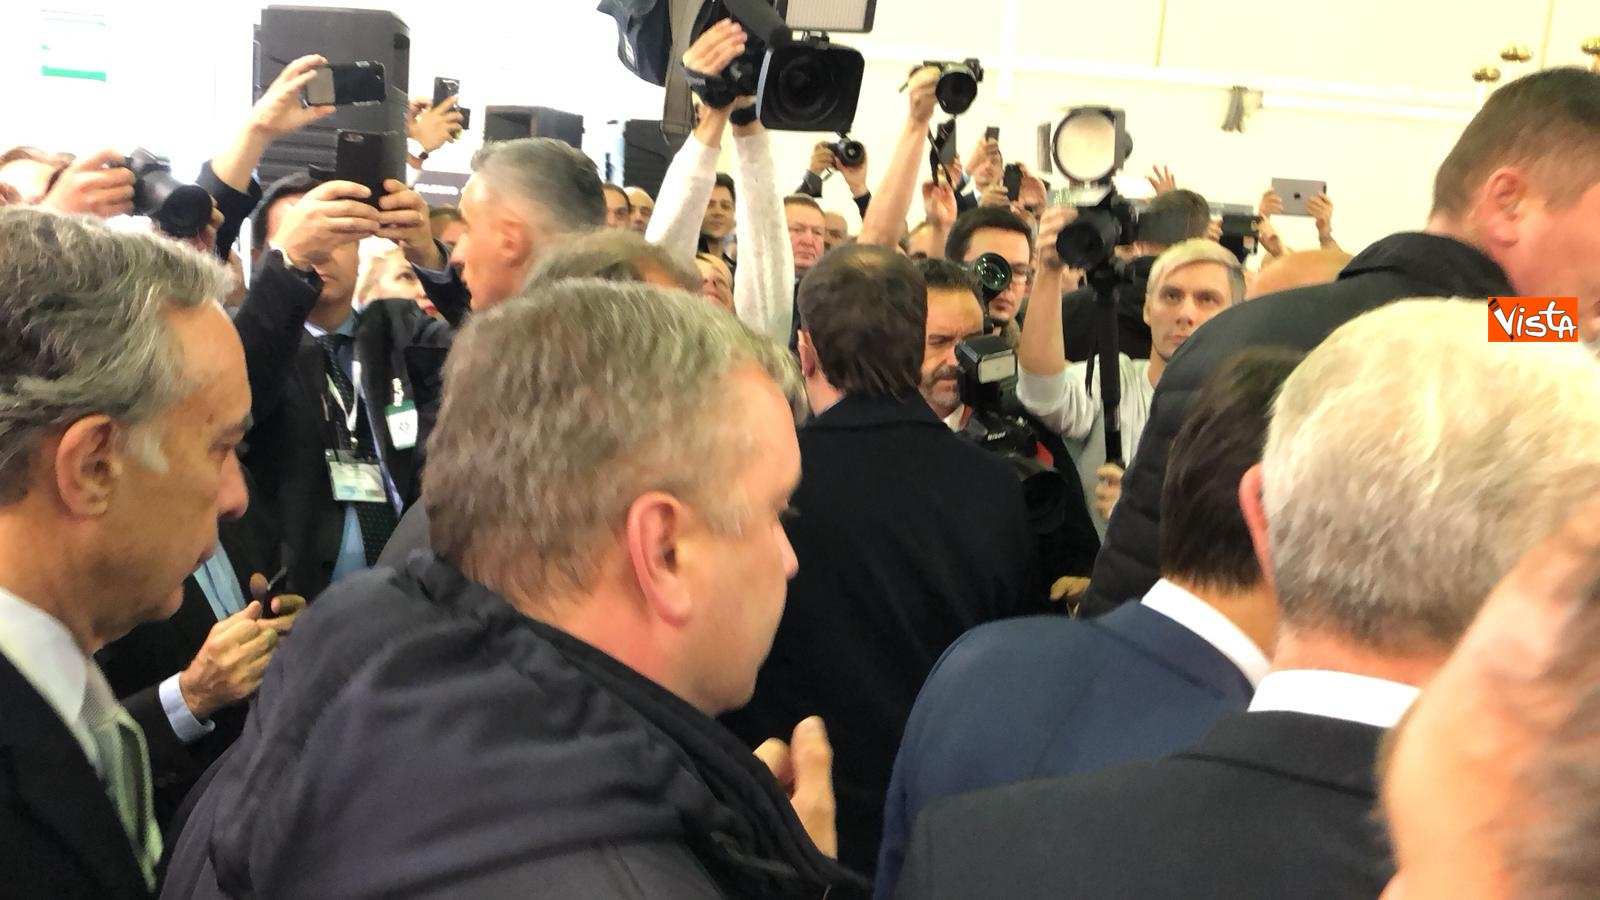 24-10-18 Conte all'Expocenter di Mosca con gli imprenditori italiani 5